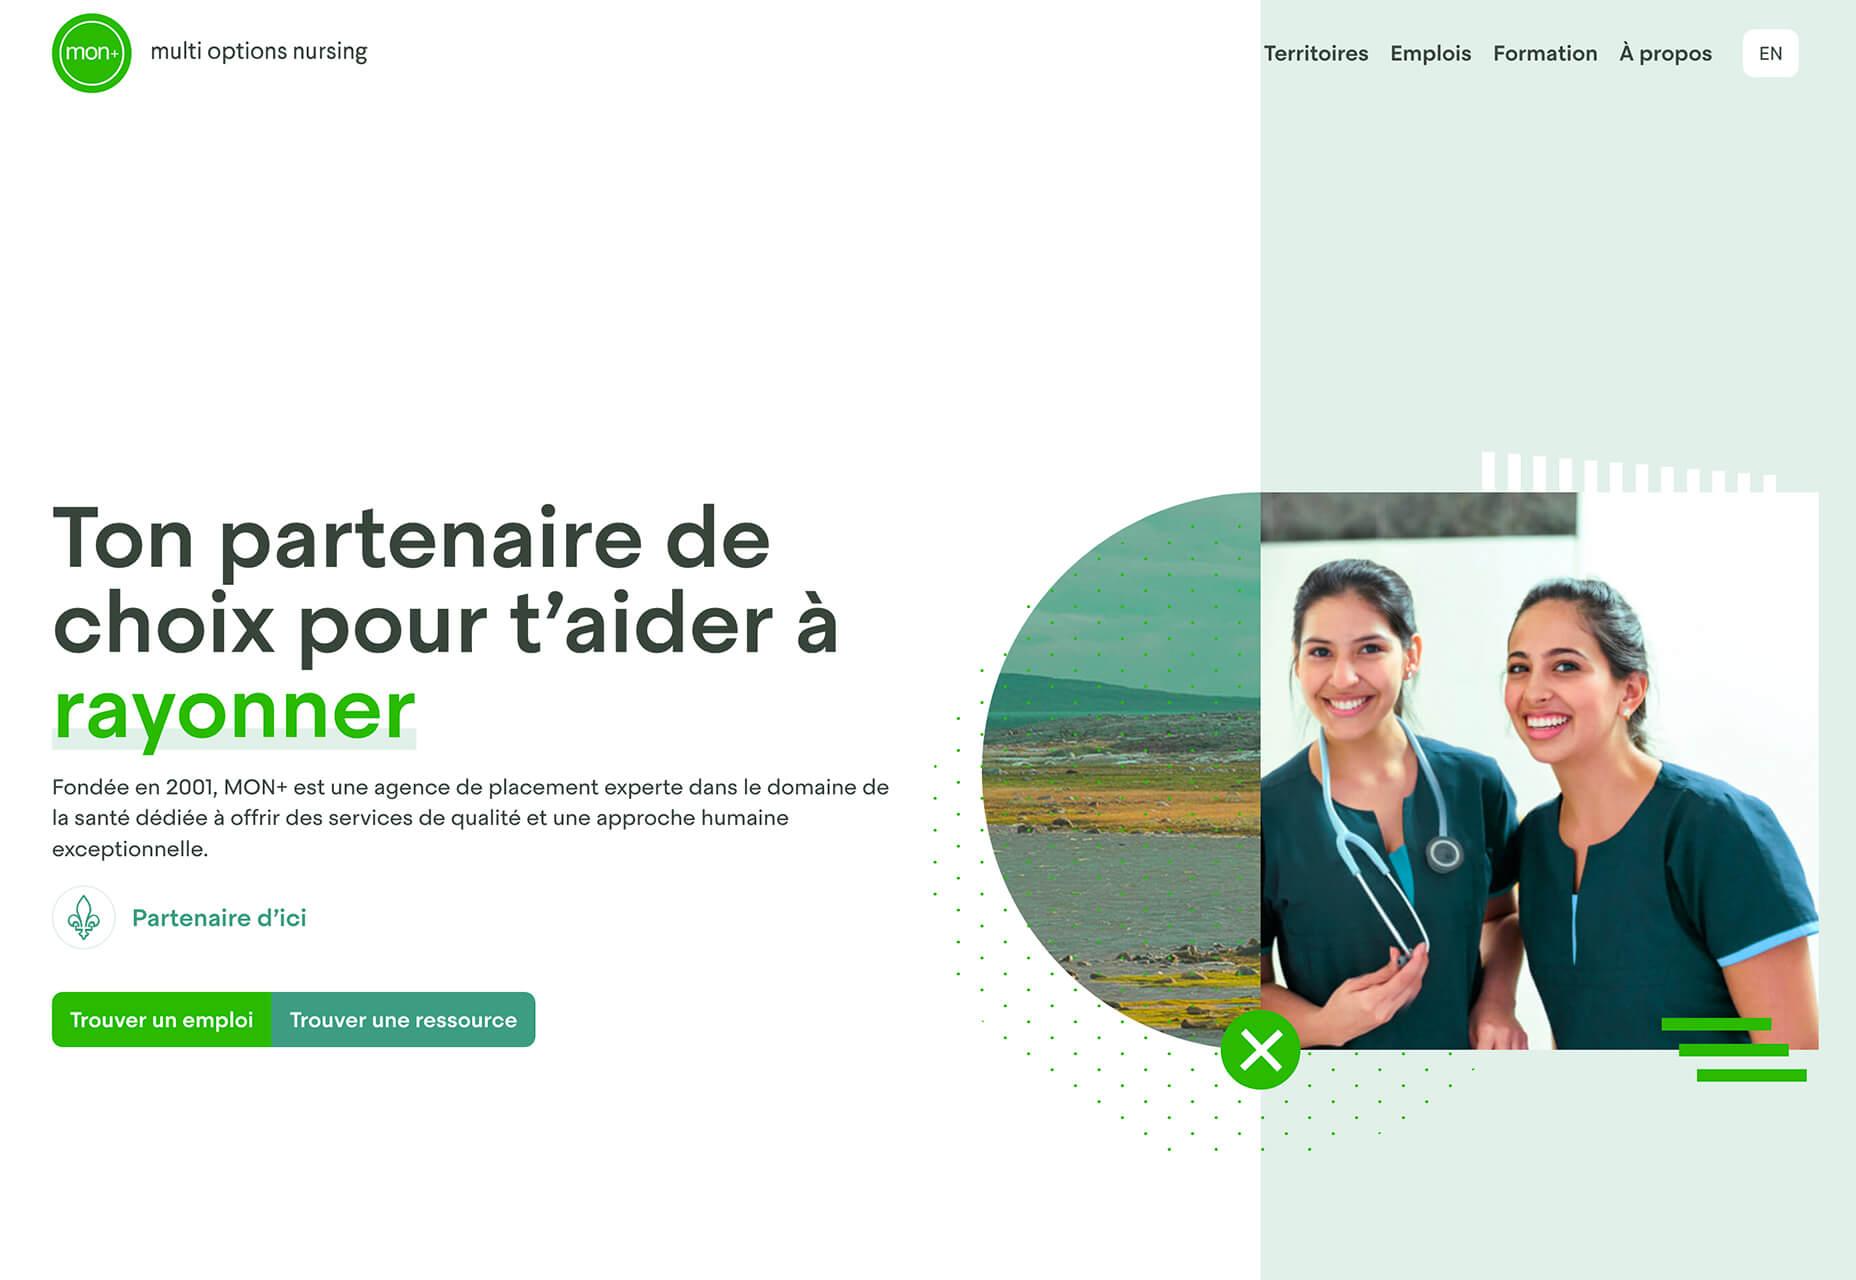 Image of nursing